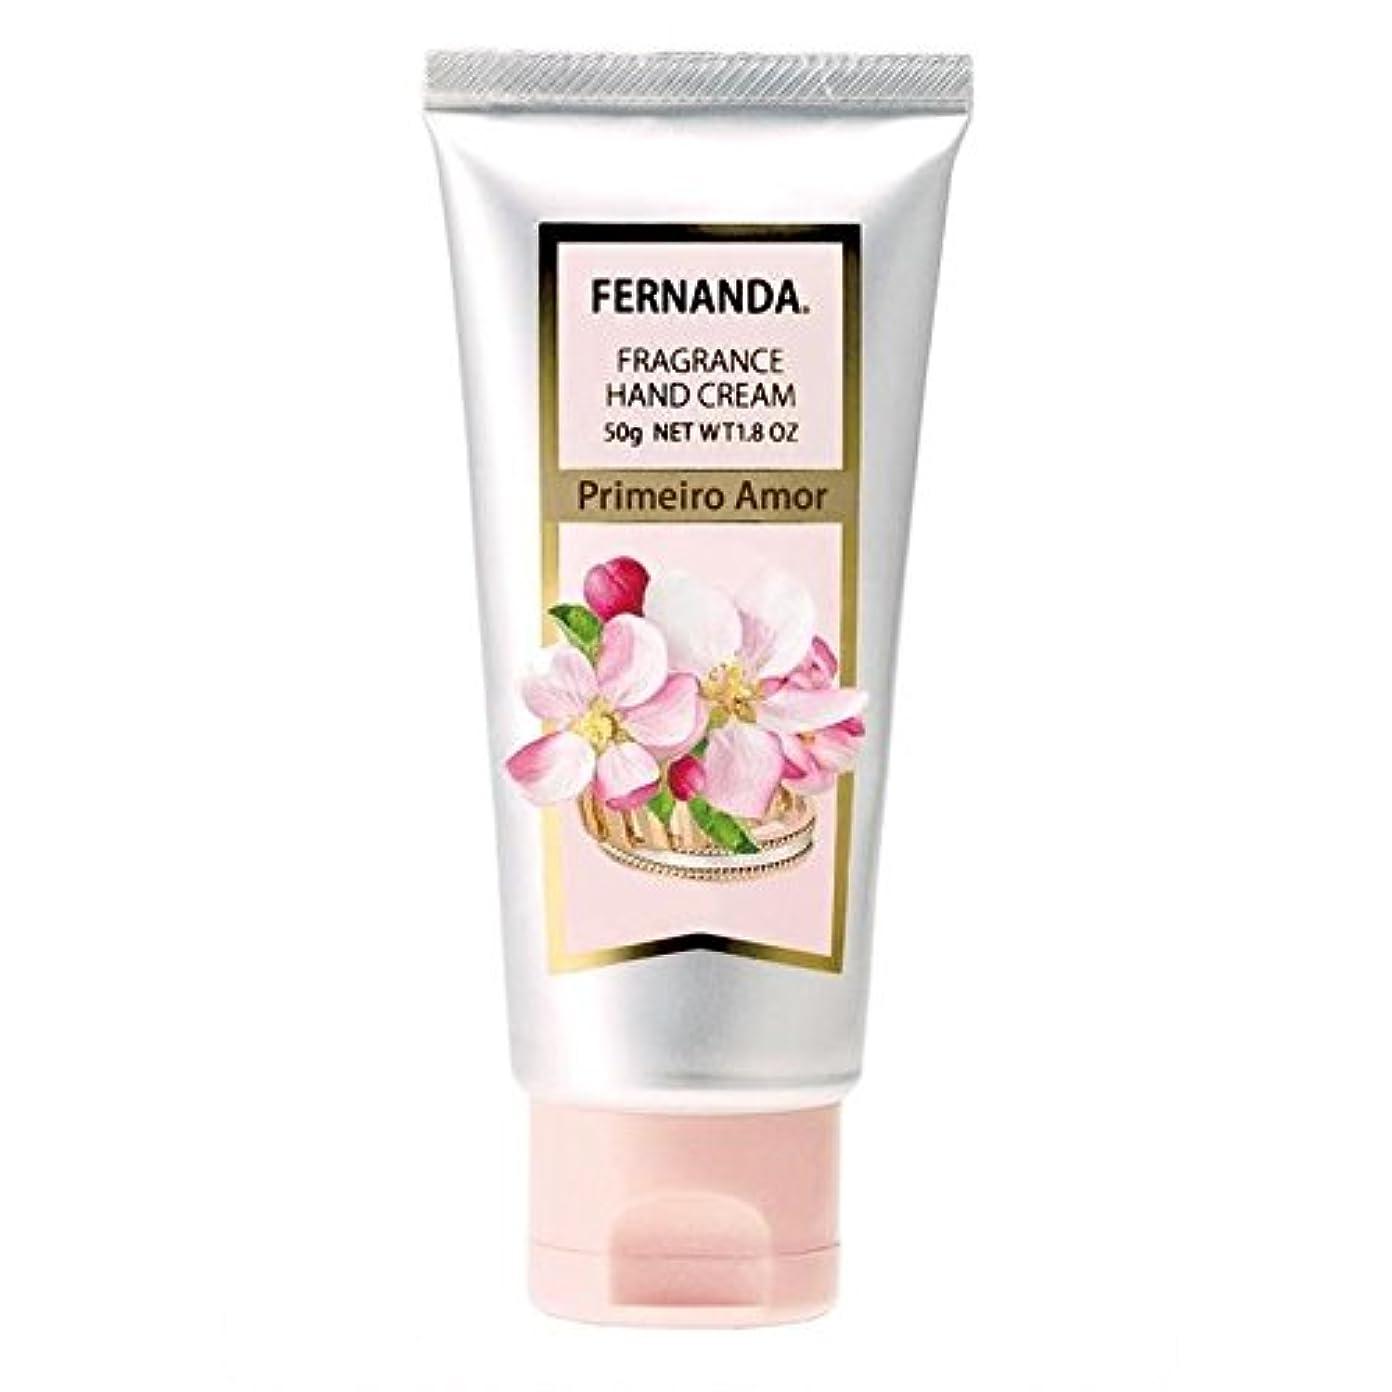 改善ペック浸すFERNANDA(フェルナンダ) Hand Cream Primeiro Amor(ハンドクリーム プリメイロアモール)